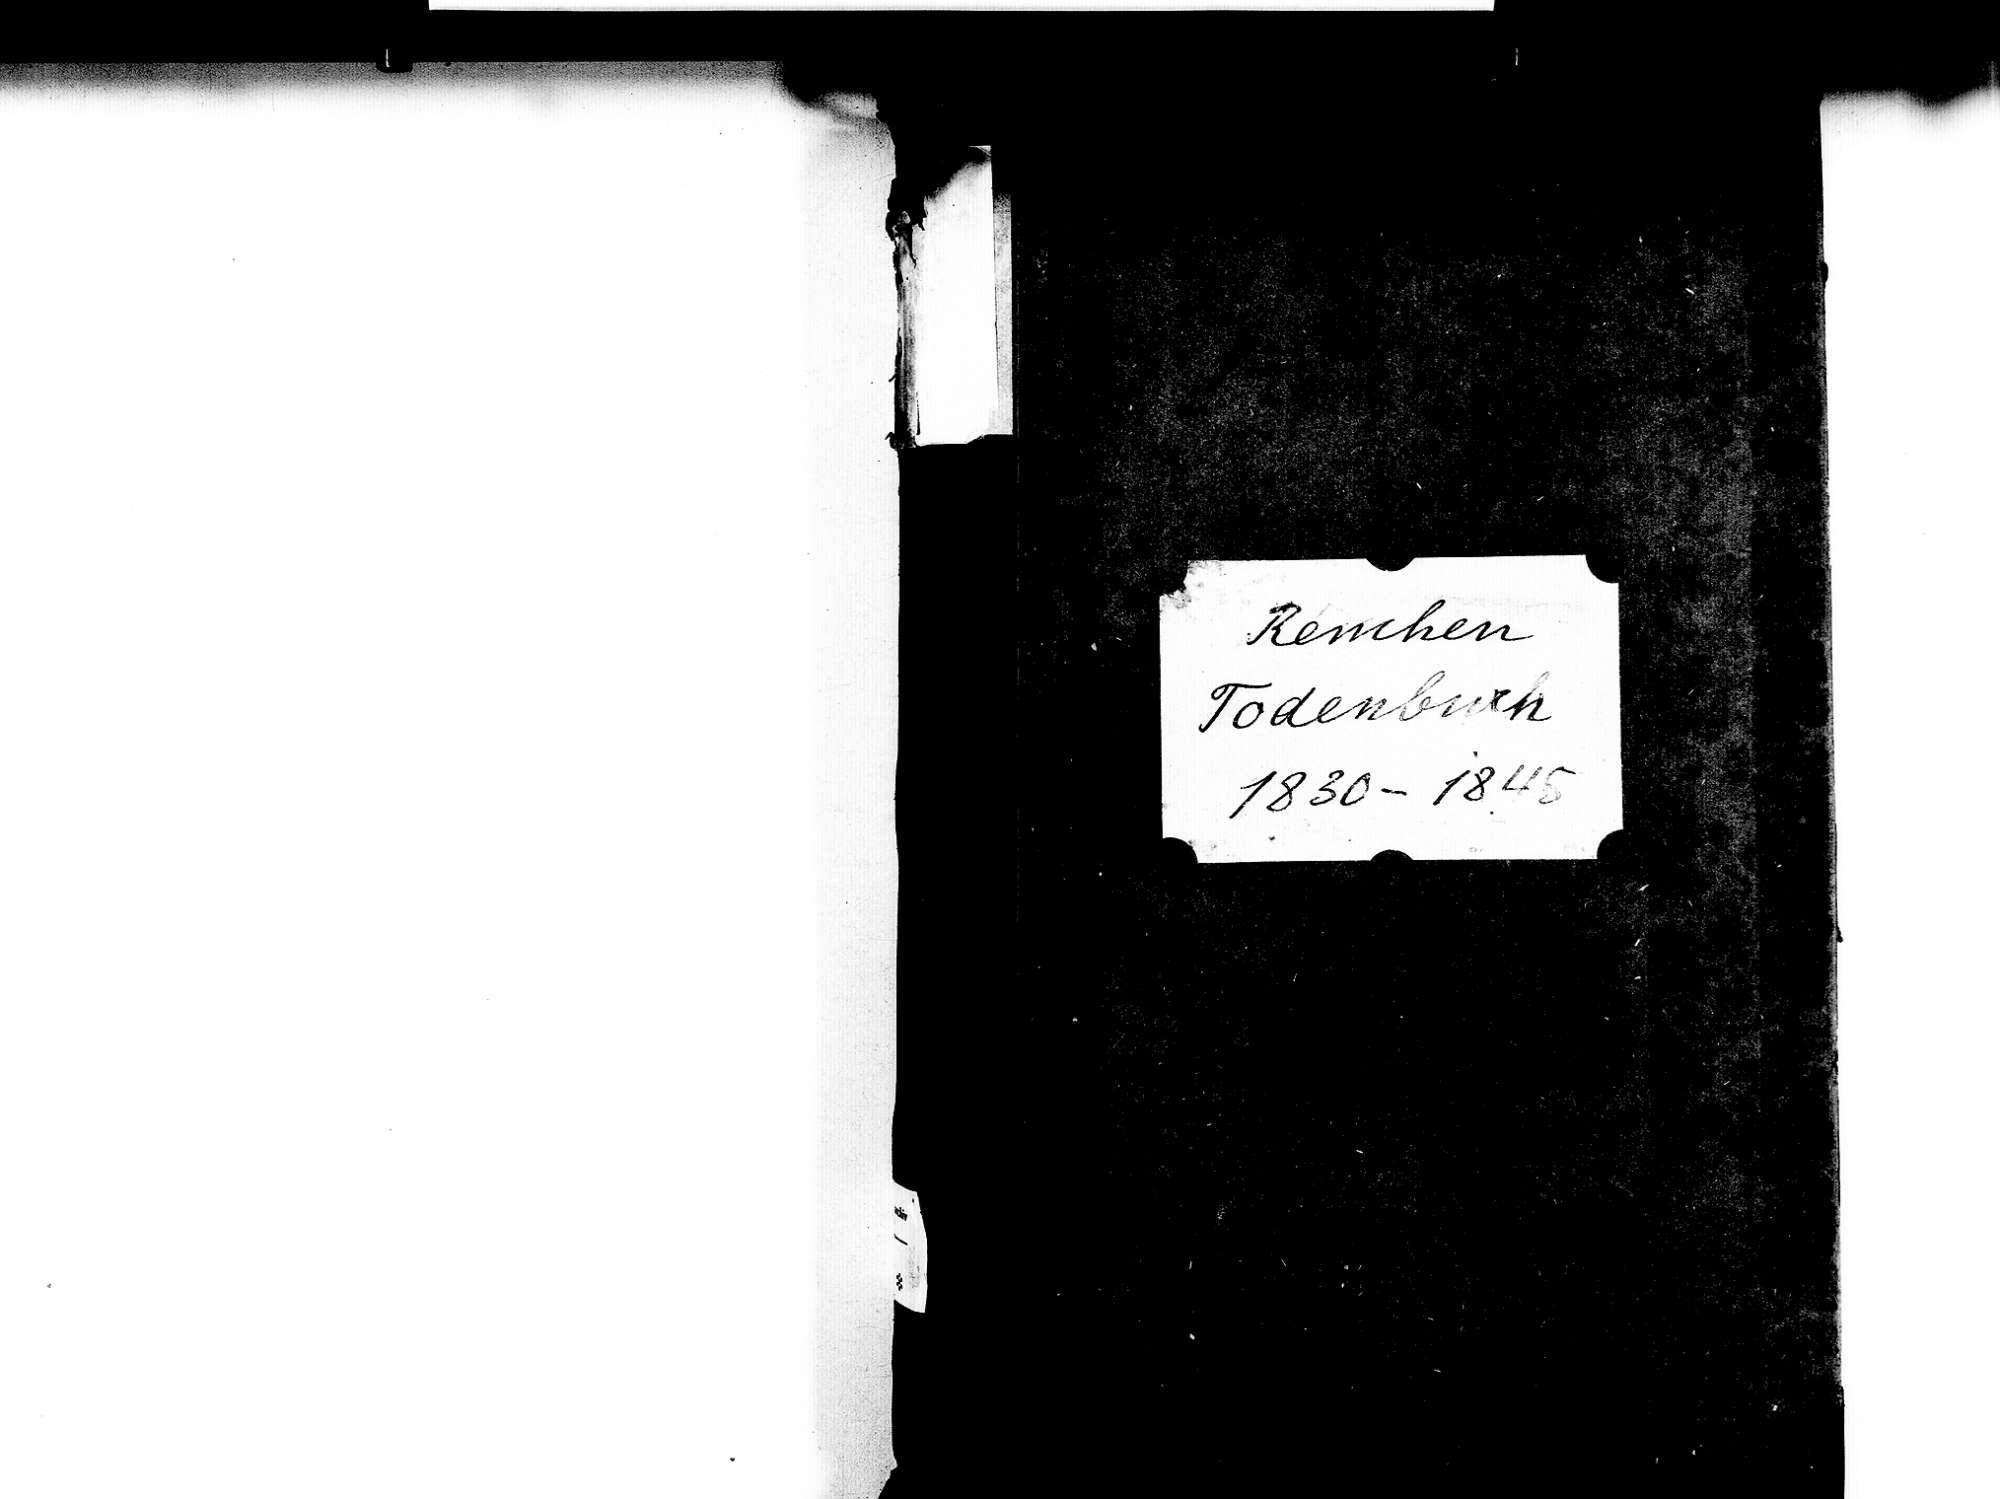 Renchen OG; Katholische Gemeinde: Sterbebuch 1830-1845, Bild 2